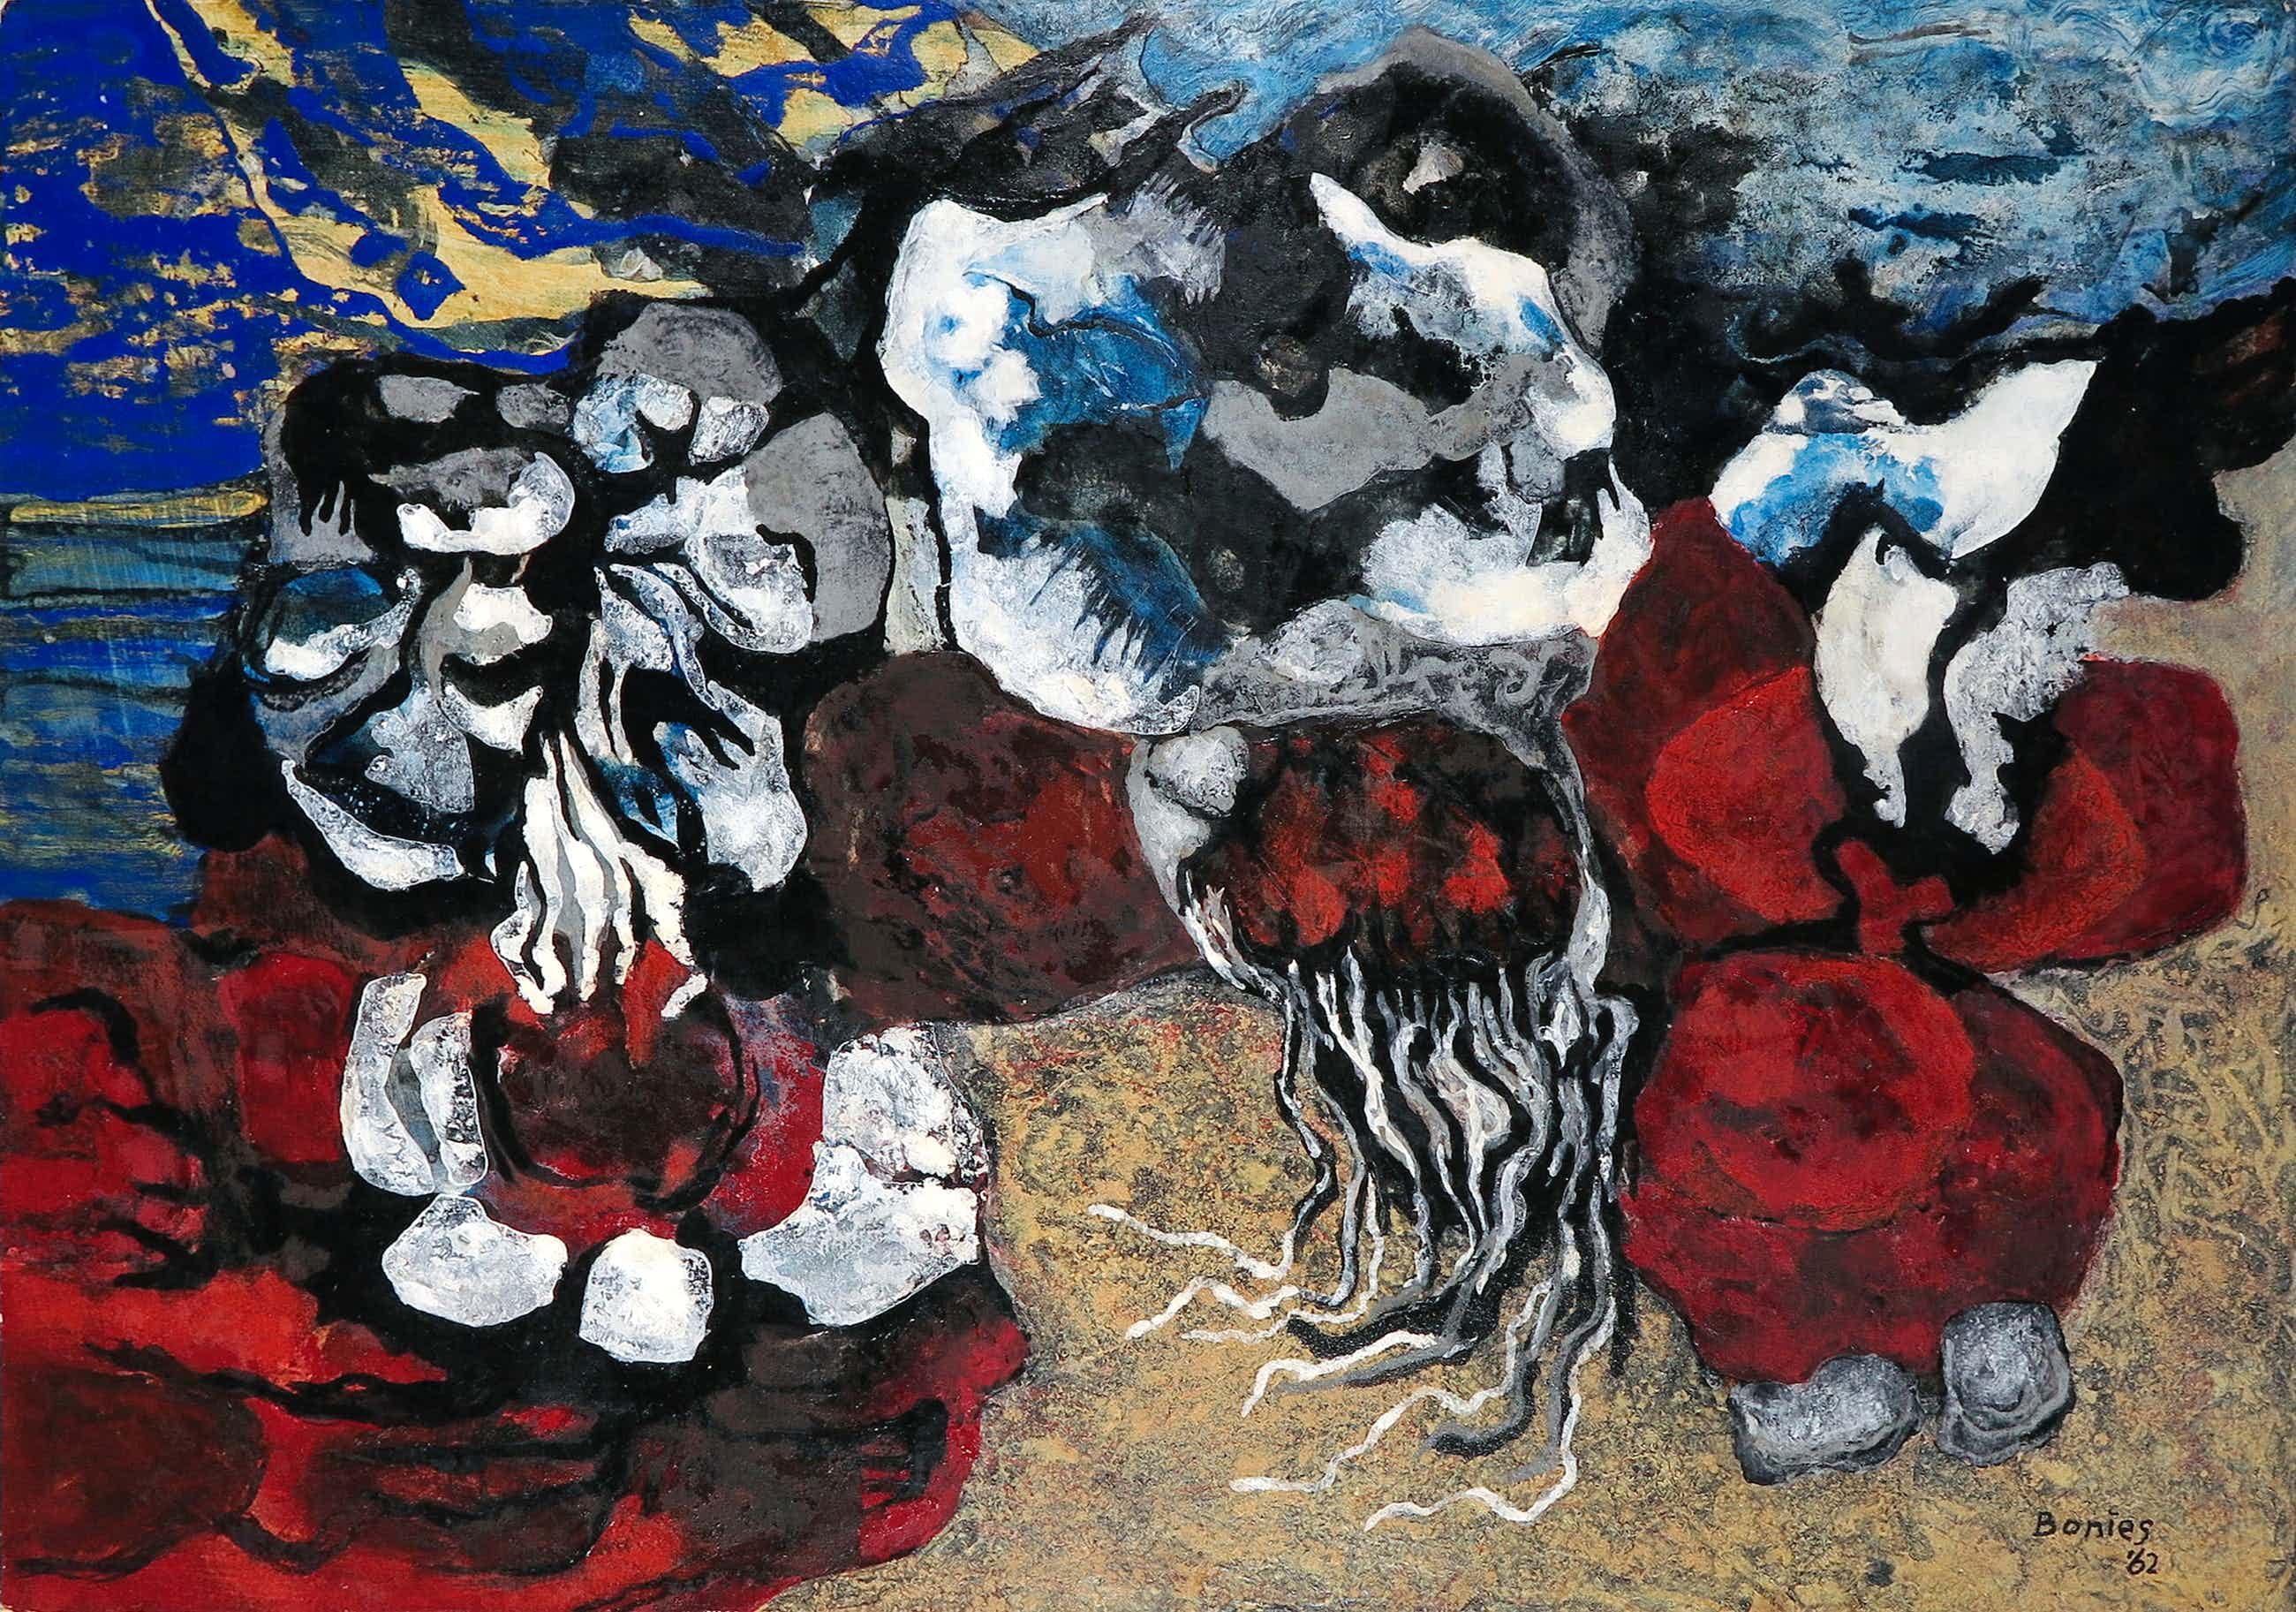 Bob Bonies - Acryl op papier, Abstracte compositie kopen? Bied vanaf 100!